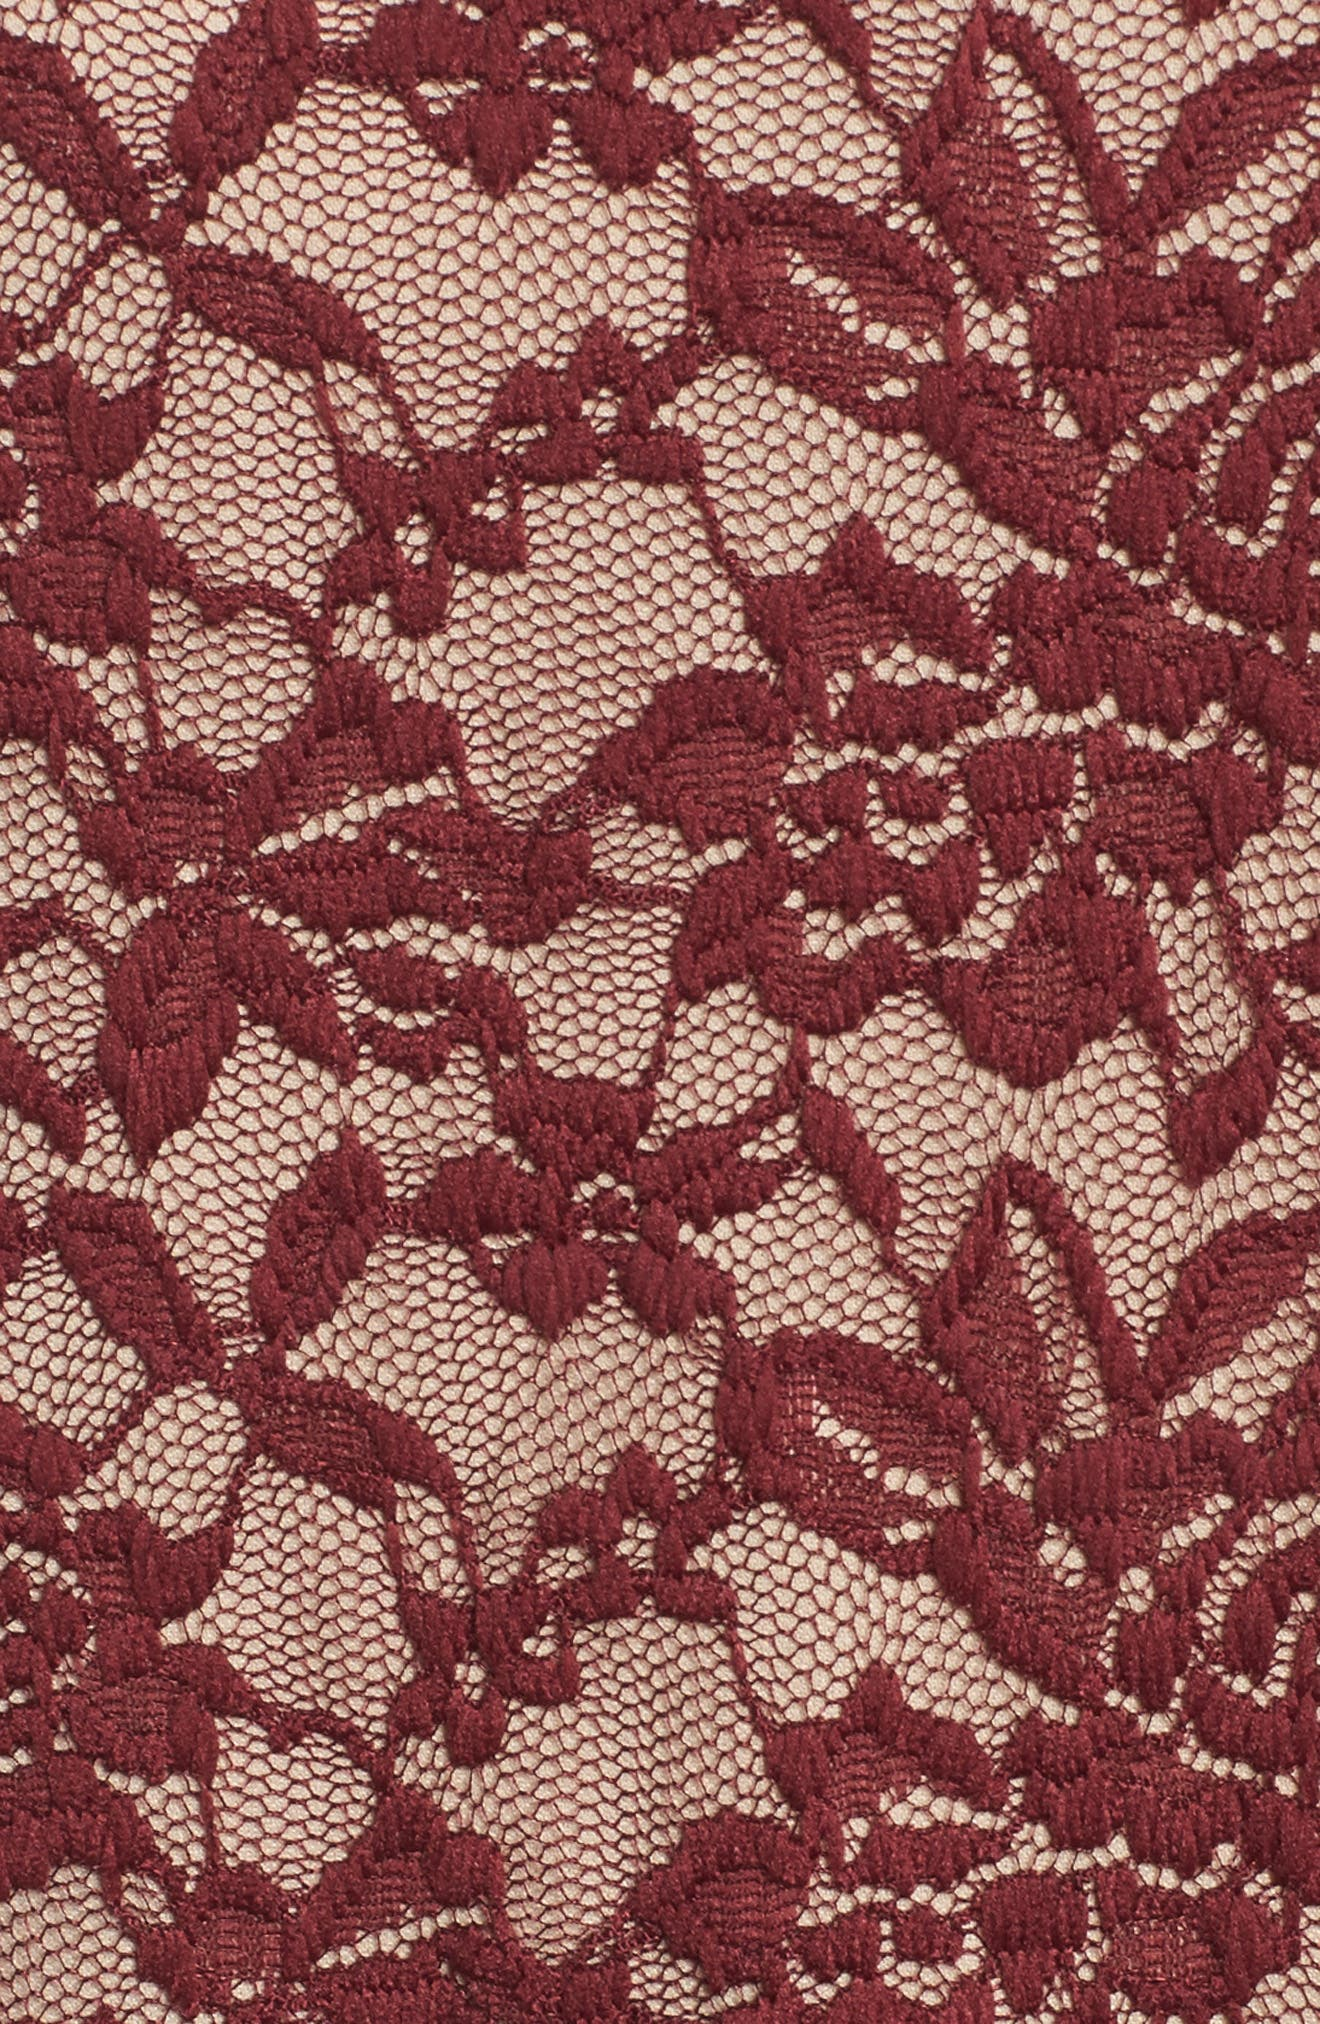 Mock Neck Lace Top,                             Alternate thumbnail 10, color,